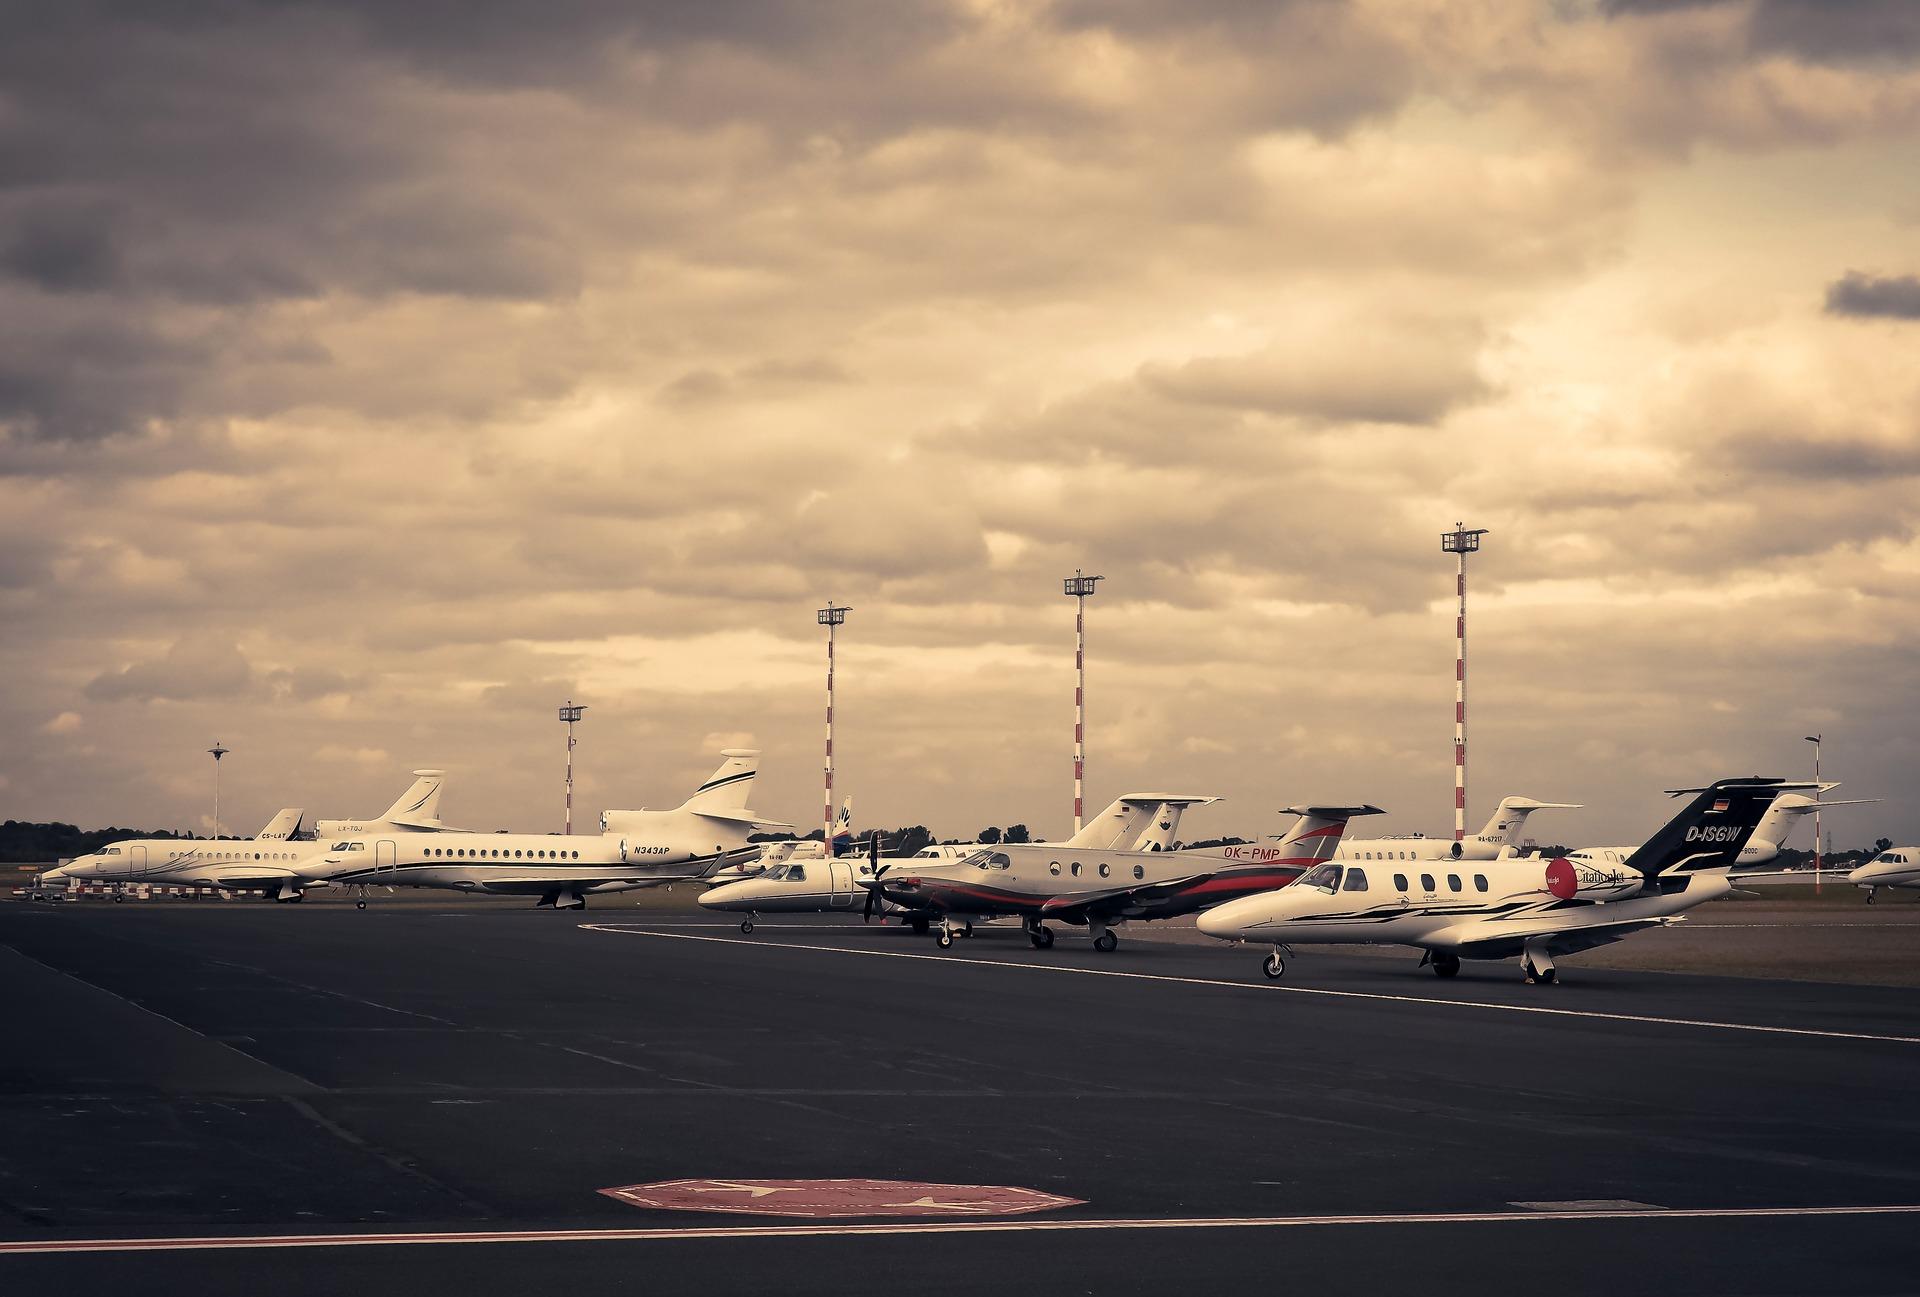 Jeśli latałeś już trochę po świecie, zapewne będziesz wiedział gdzie znajdują się lotniska z naszego quizu. Do dzieła!